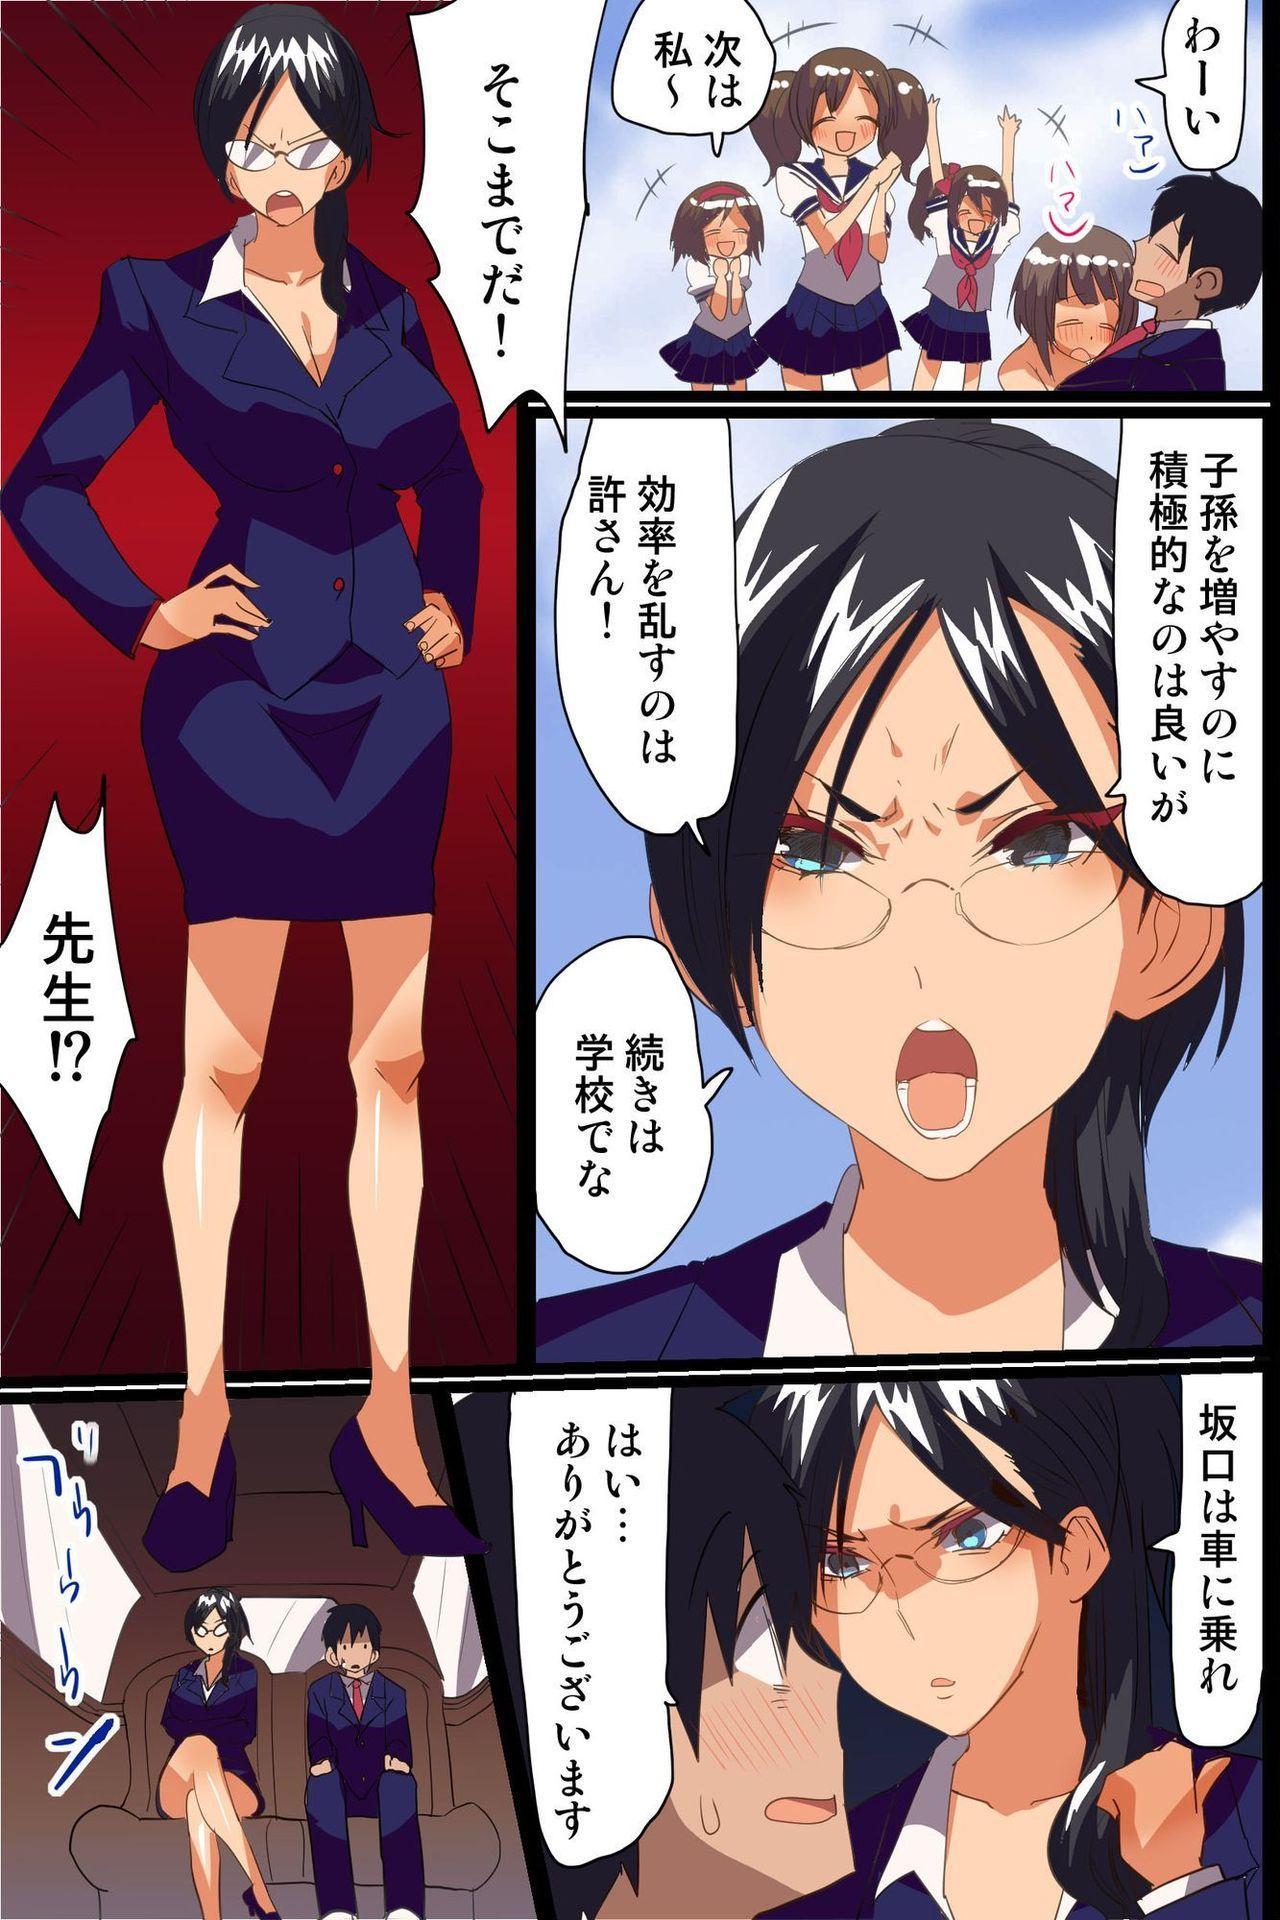 Sekai no Onna wa Zenin Ore no Mono. Onna Zenin ga Tane wo Motomete Hatsujou Shichatteru!? 24